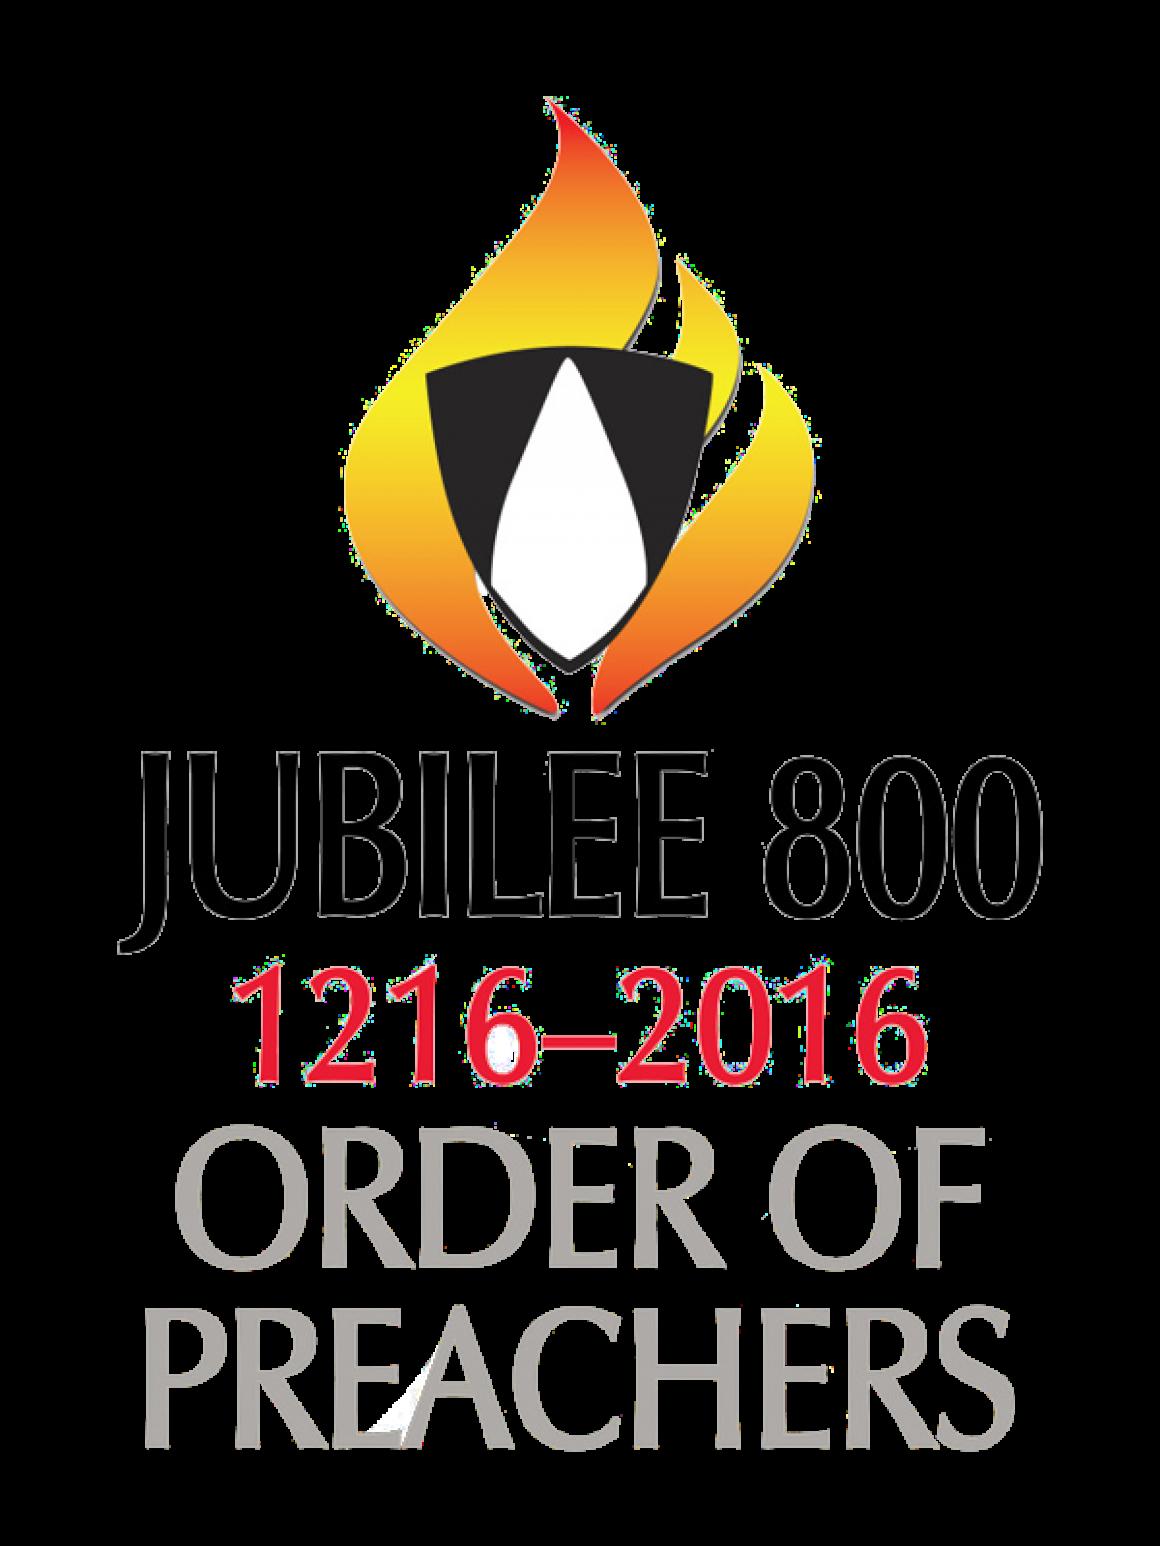 jubilee800logo